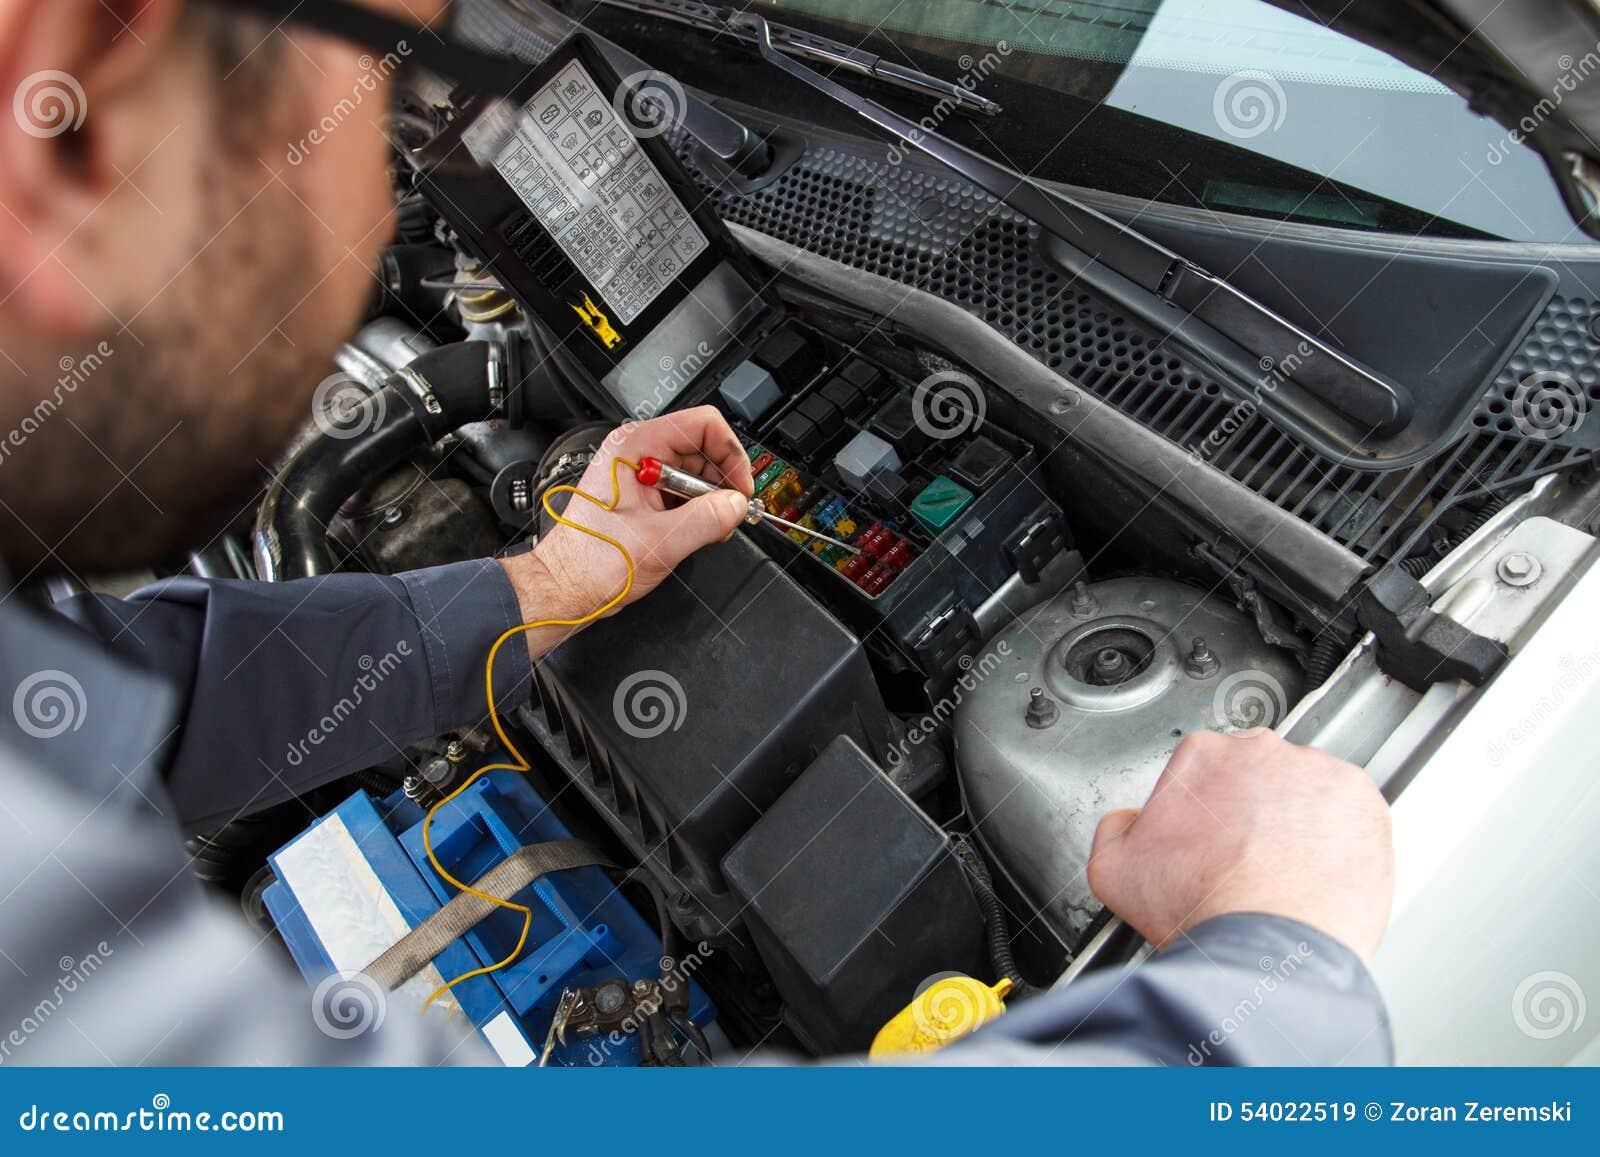 Car Electric Repair Stock Image  Image Of Lighting